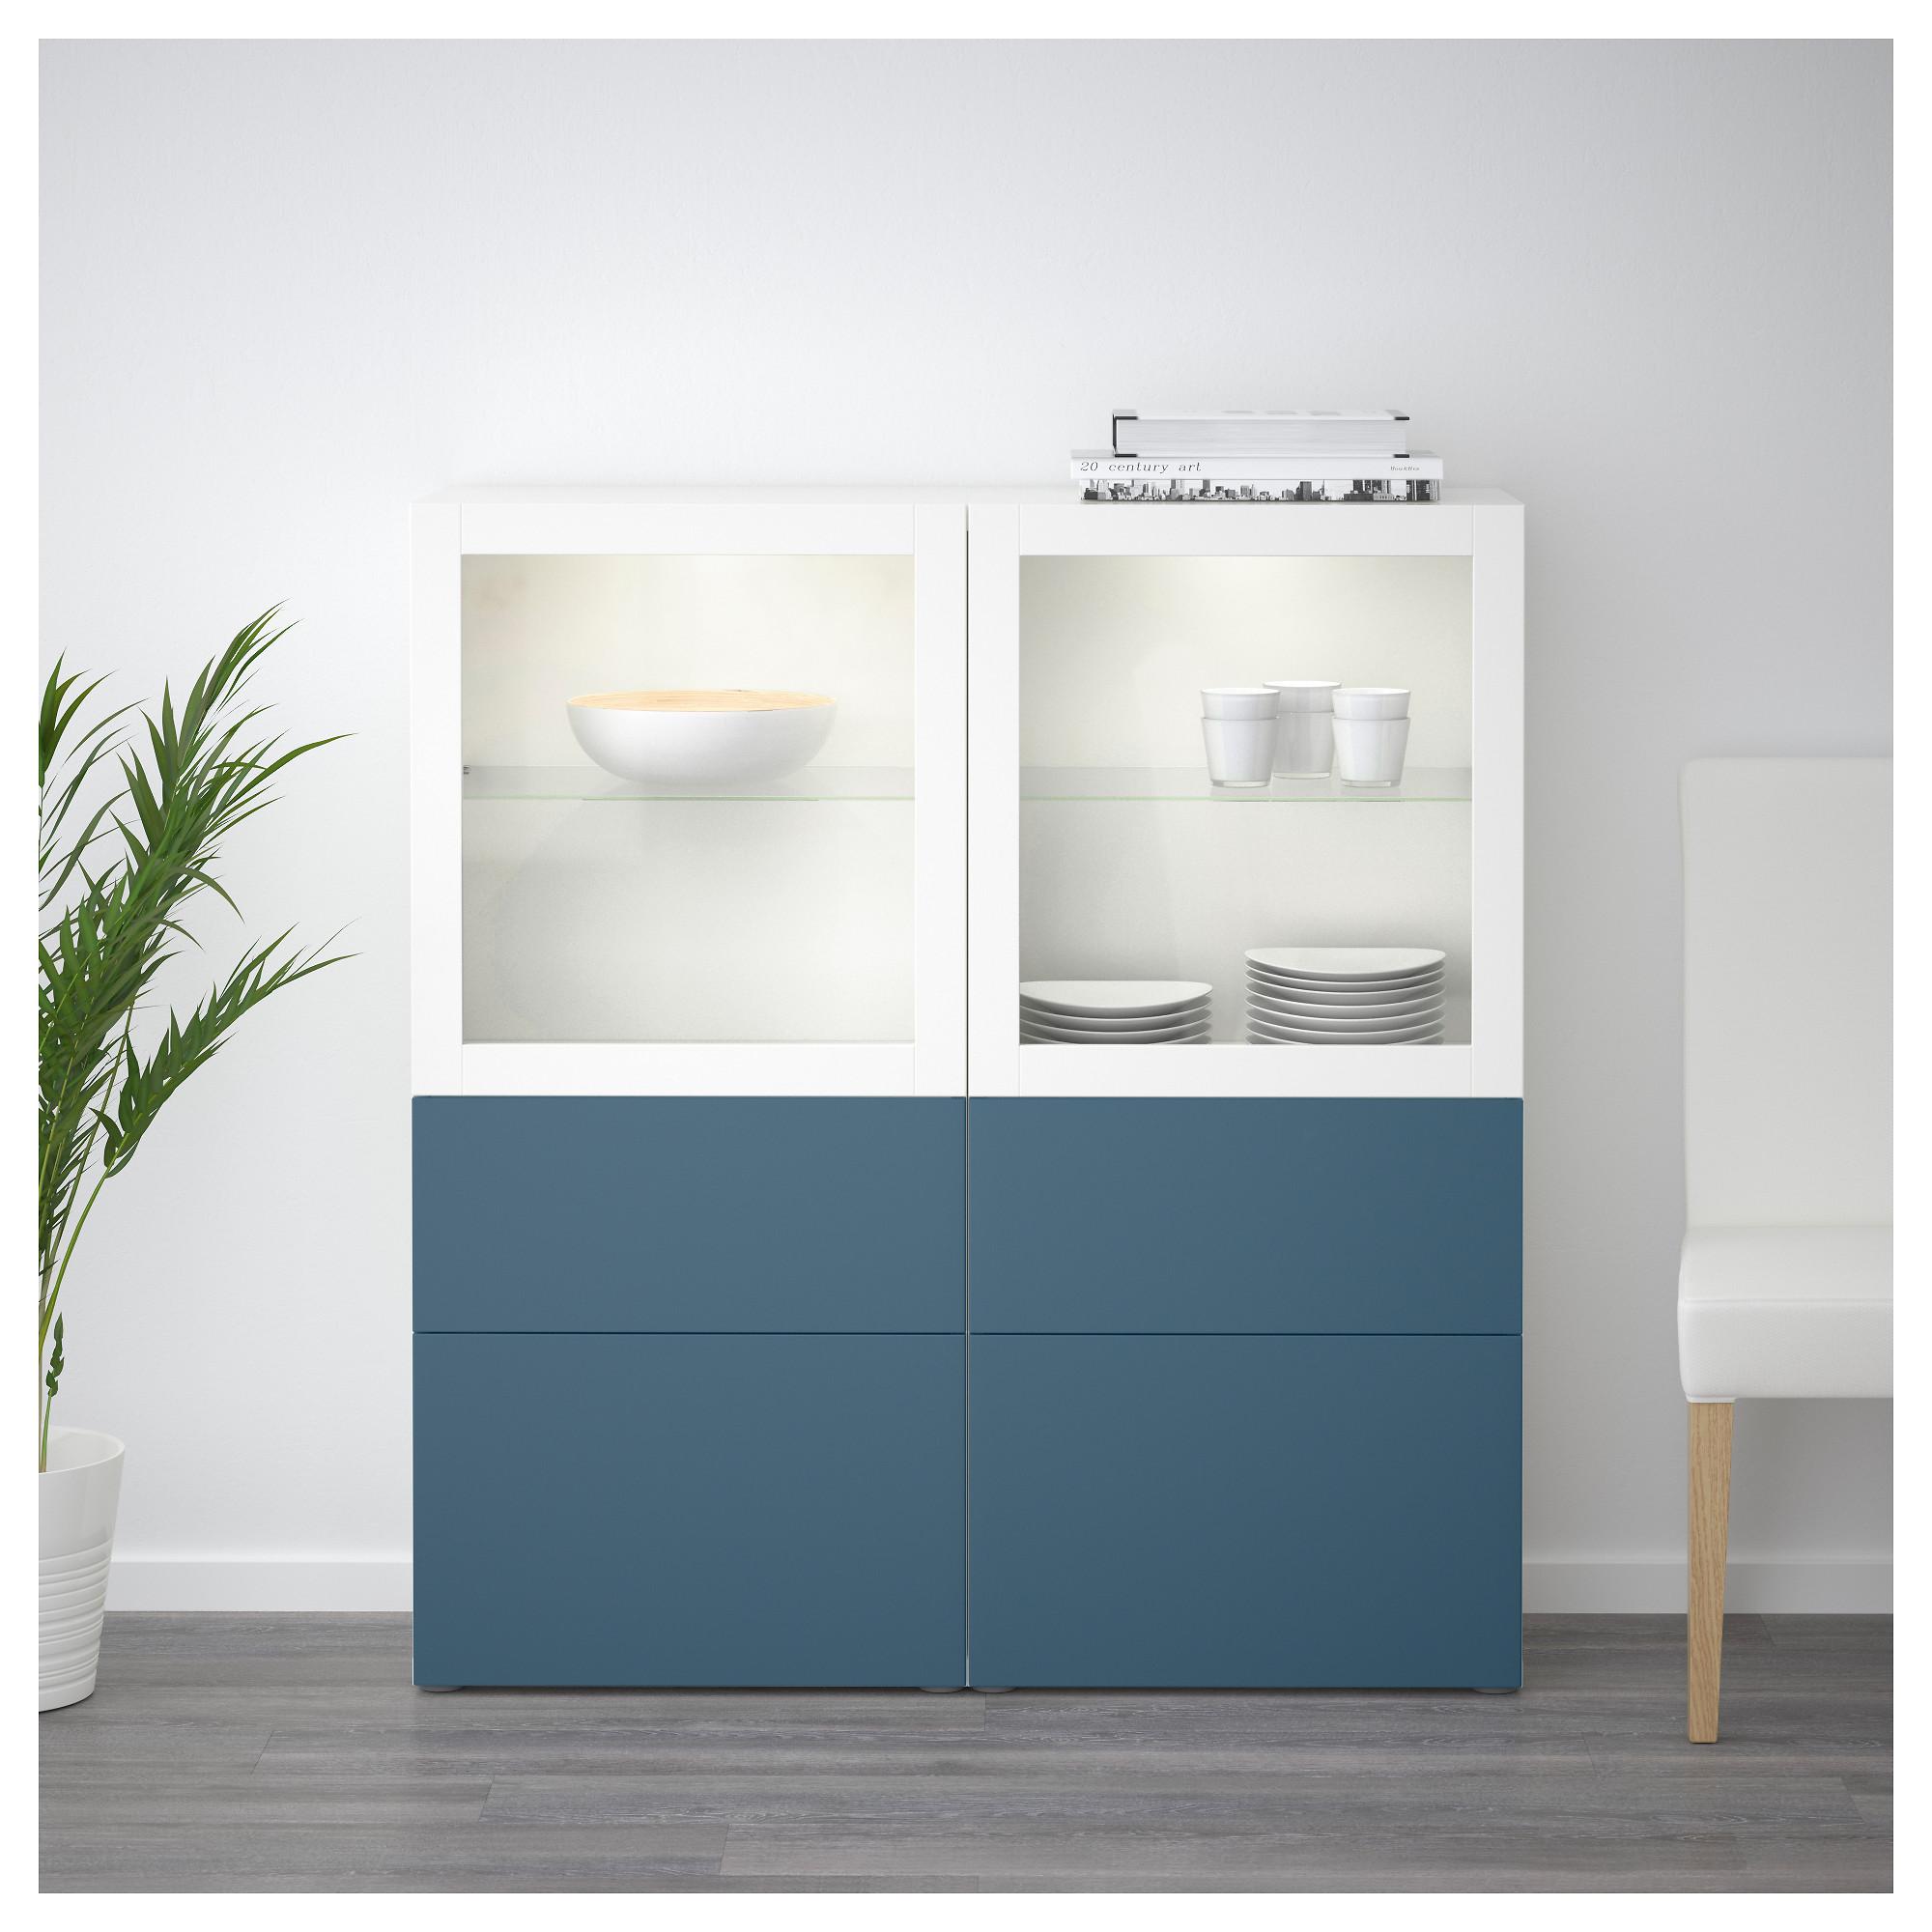 Комбинация для хранения со стеклянными дверцами БЕСТО артикуль № 992.482.43 в наличии. Онлайн магазин IKEA Беларусь. Быстрая доставка и установка.